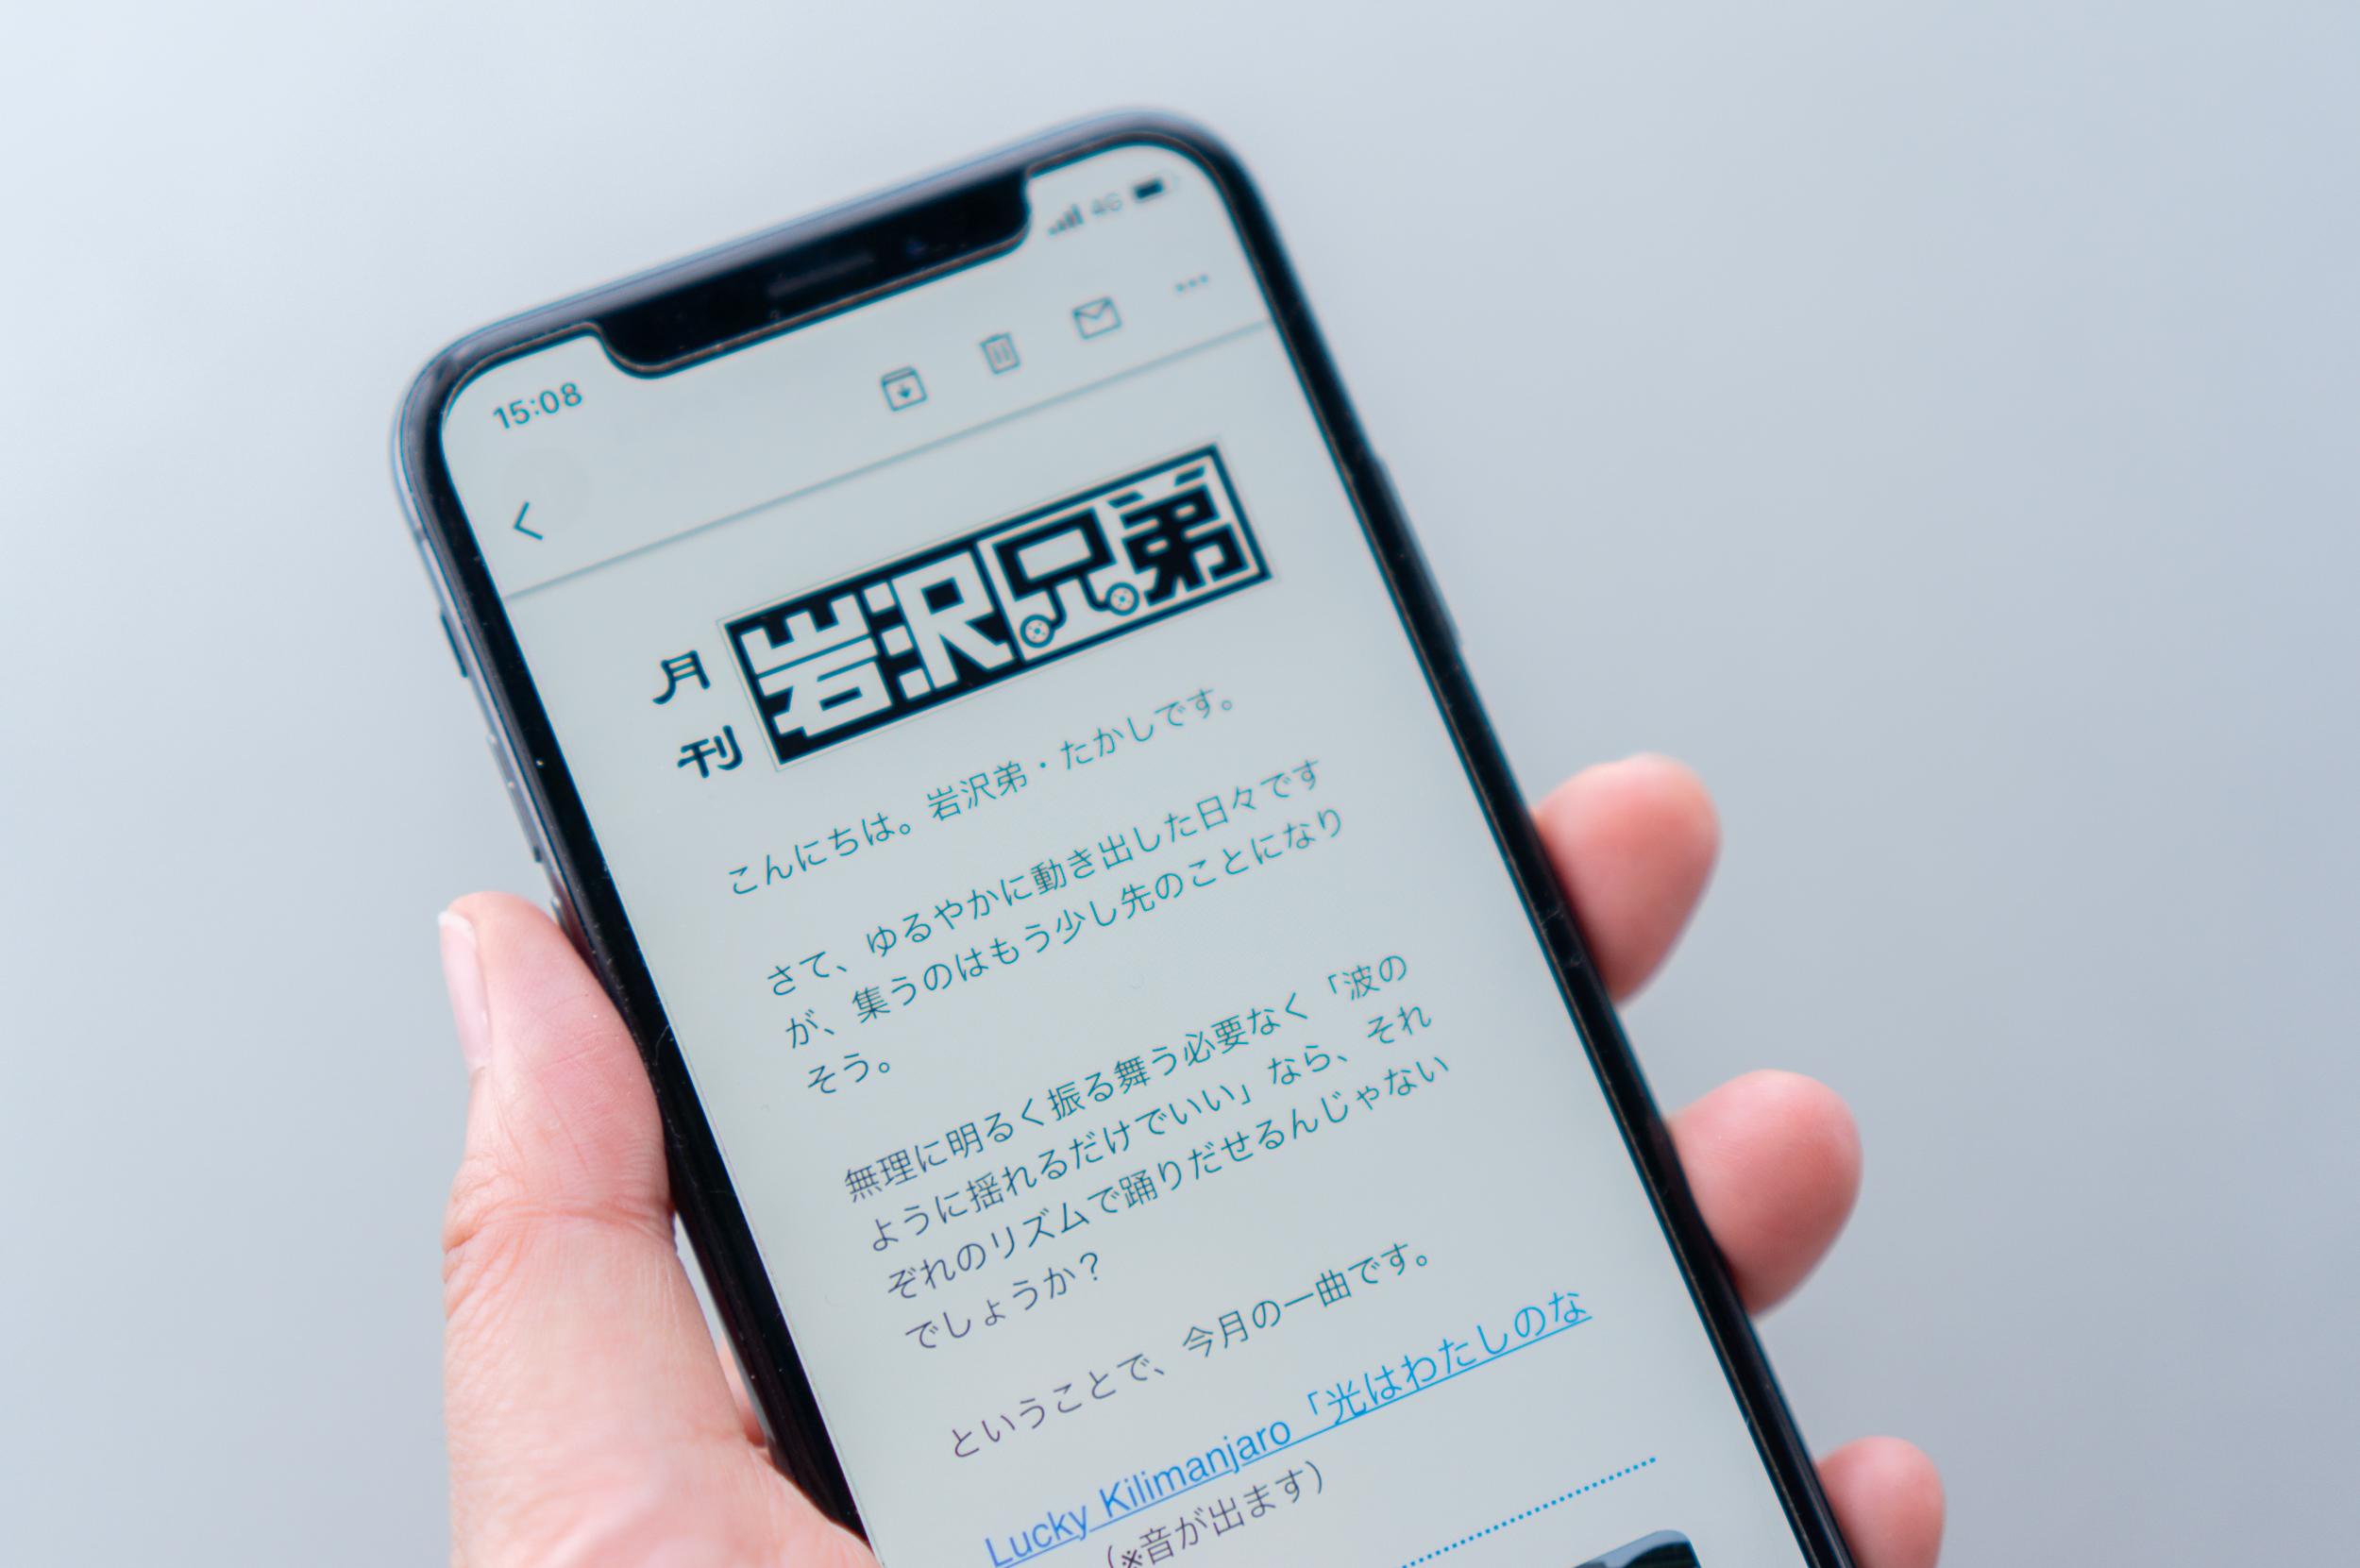 岩沢兄弟メールマガジン